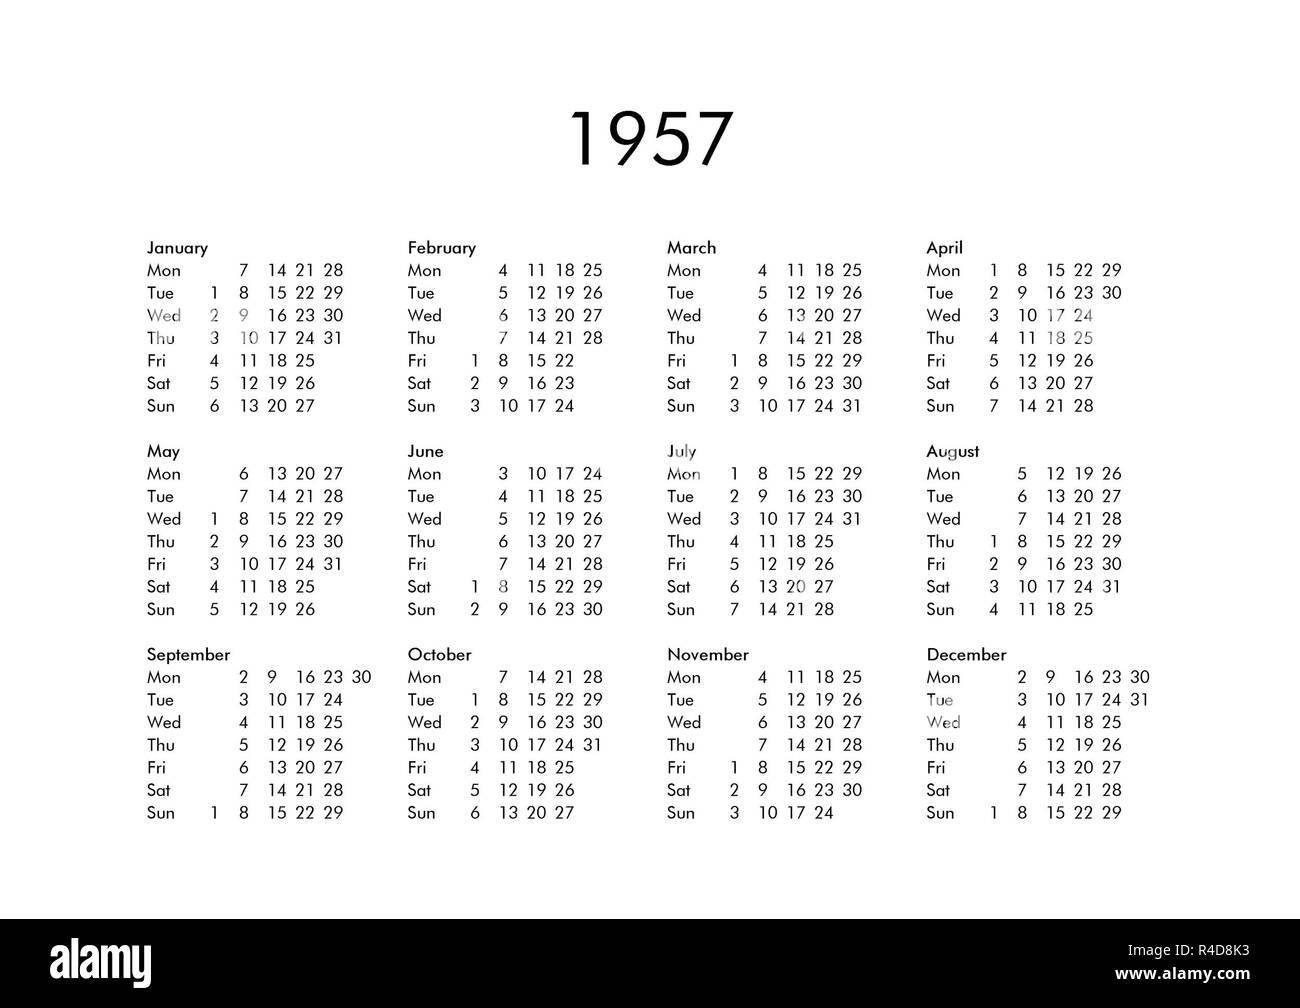 Calendario Del Ano 1957.Calendario Del Ano 1957 Foto Imagen De Stock 226485591